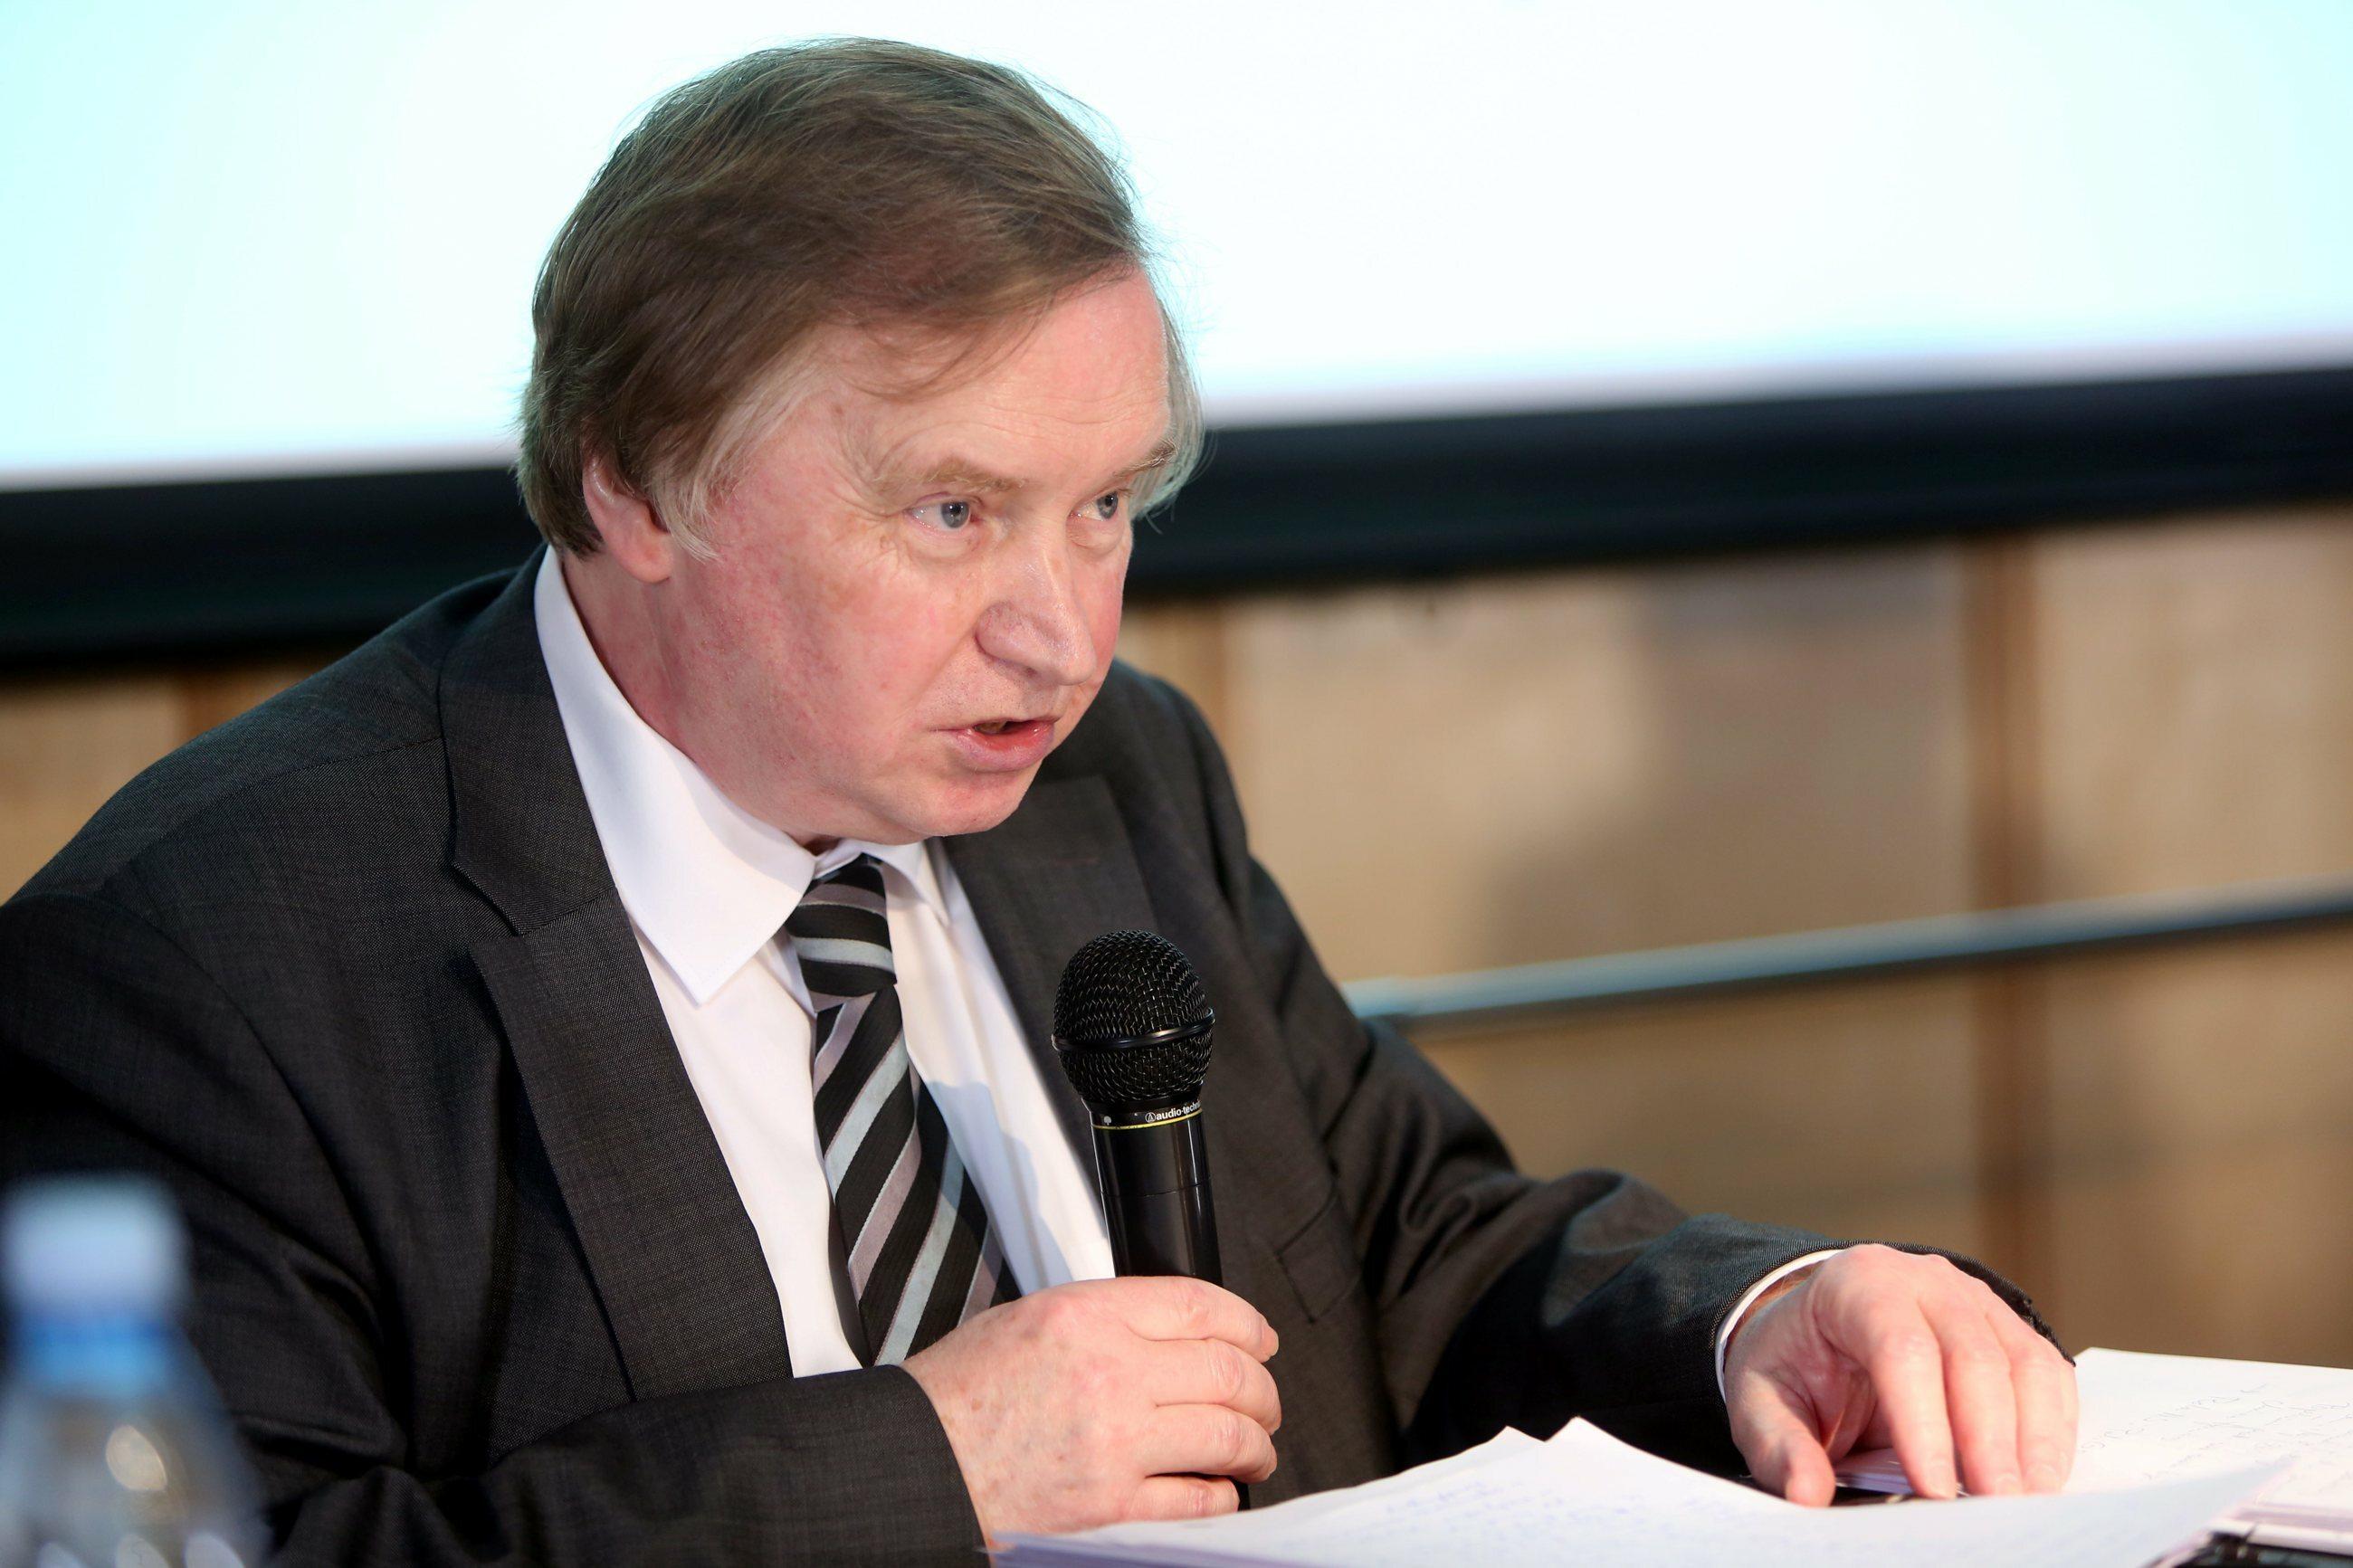 Prof. Ryszard Piotrowski